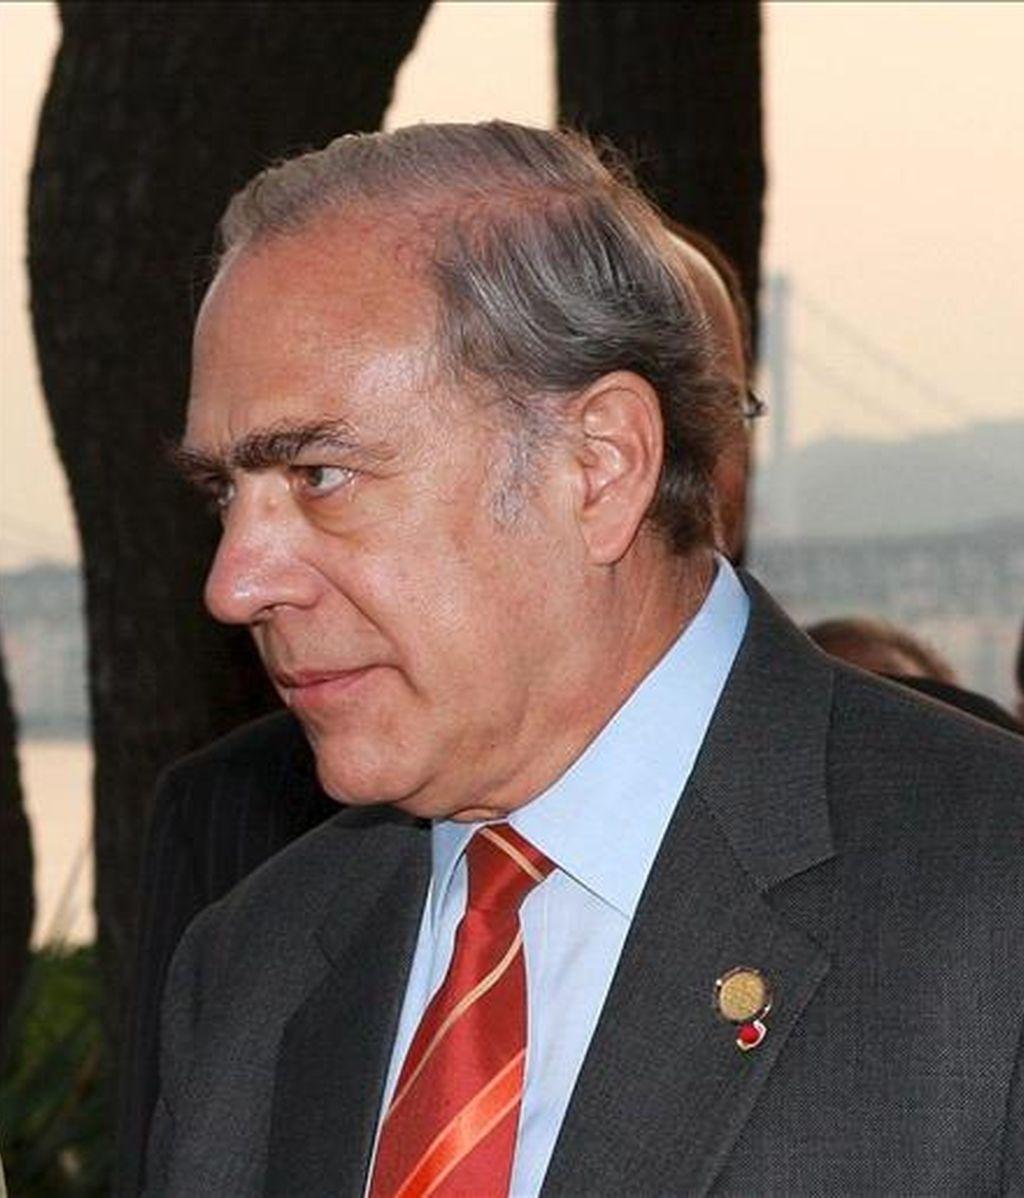 En la imagen, el secretario general de la Organización para la Cooperación y el Desarrollo Económico (OCDE), José Ángel Gurría. EFE/Archivo